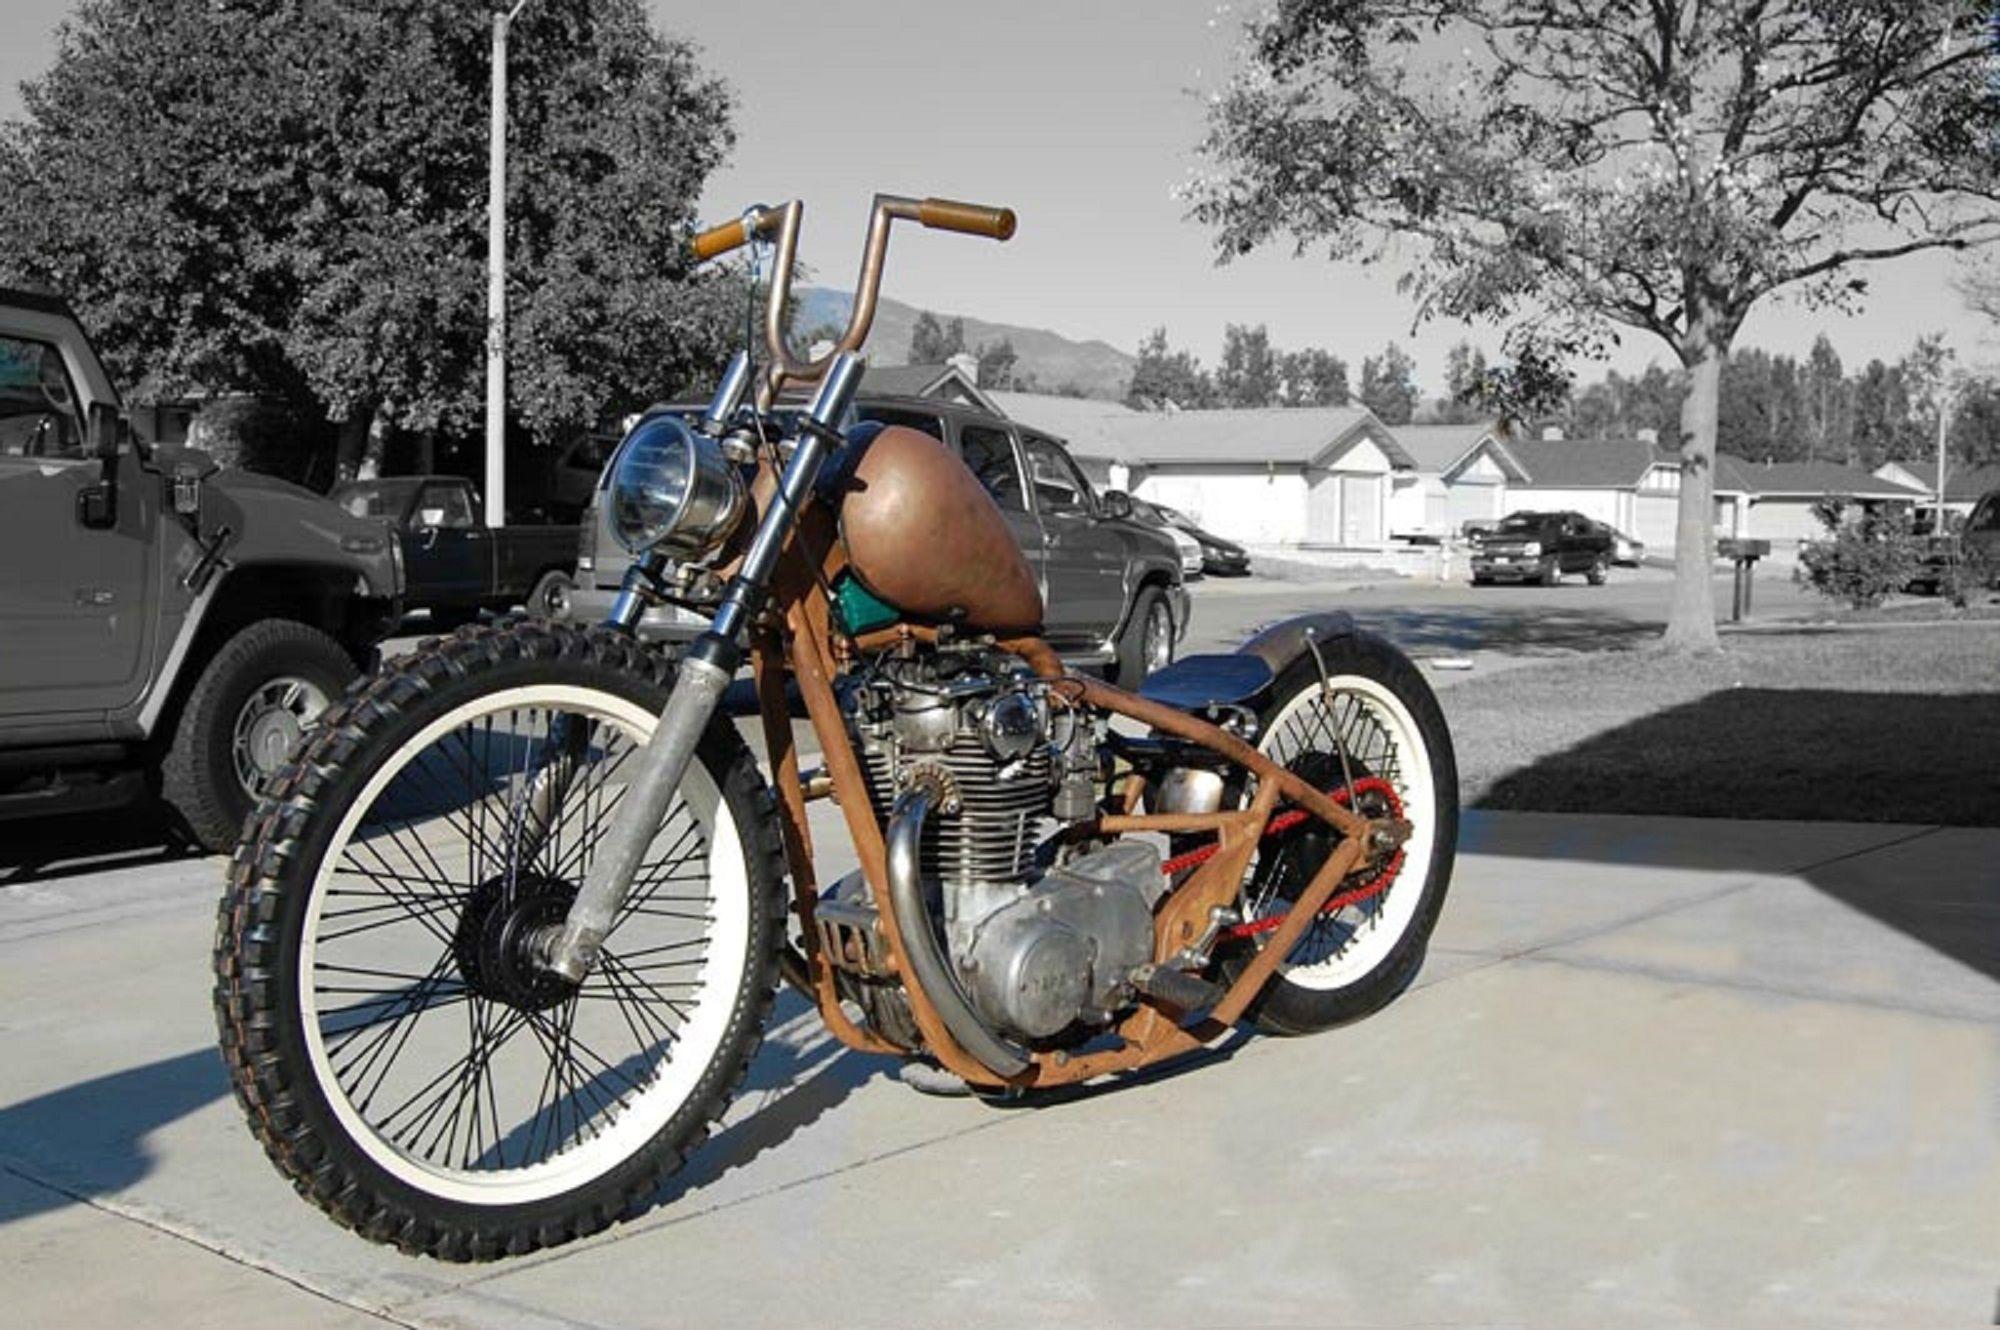 Migbaron kustoms yamaha xs650 bobber http migbaronkustoms com bikes